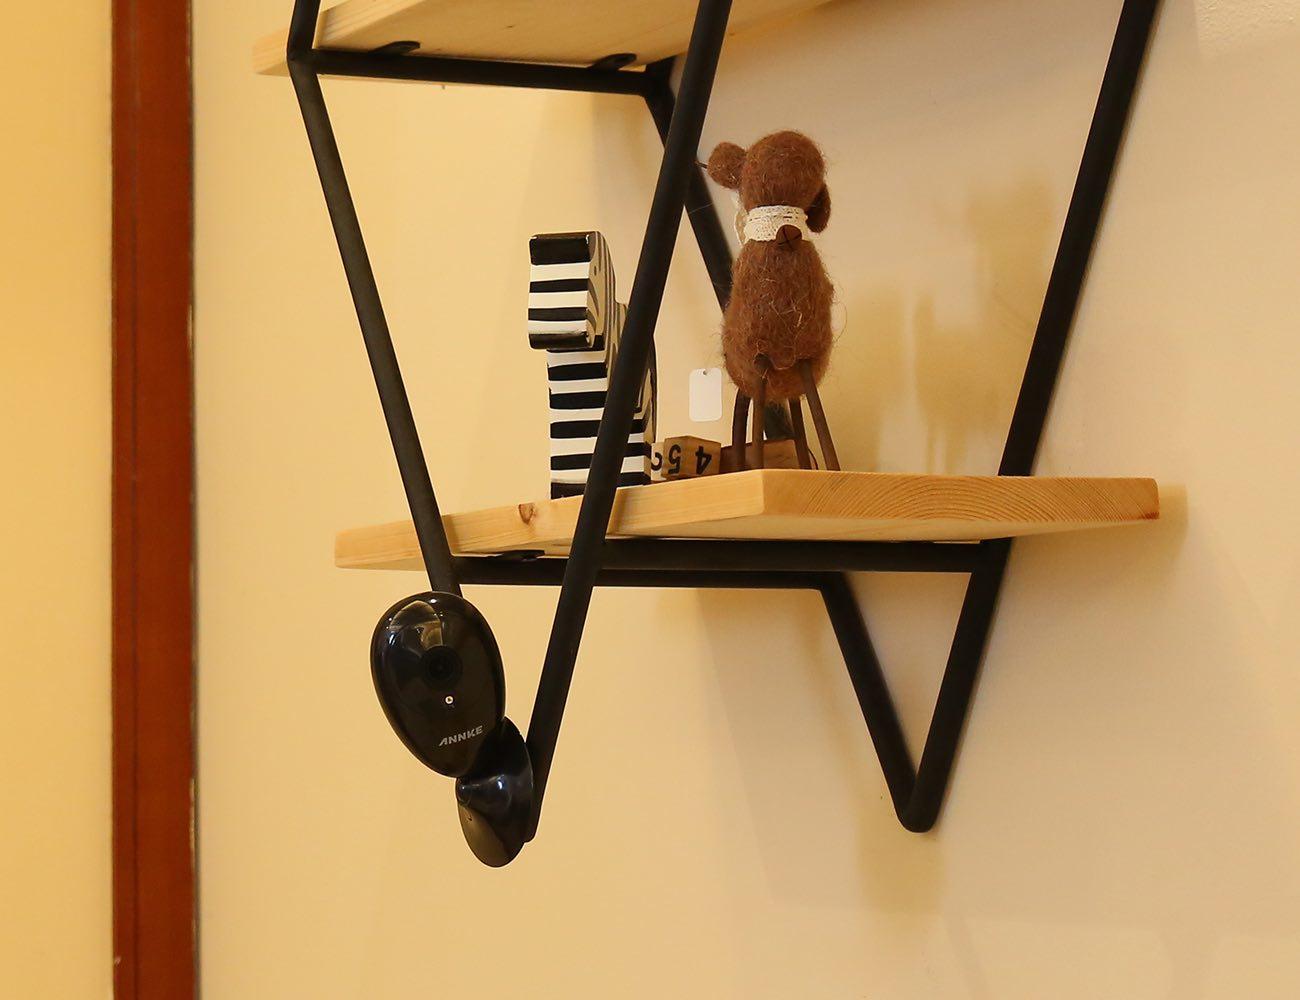 Annke Nova S Wi-Fi Indoor Security Camera